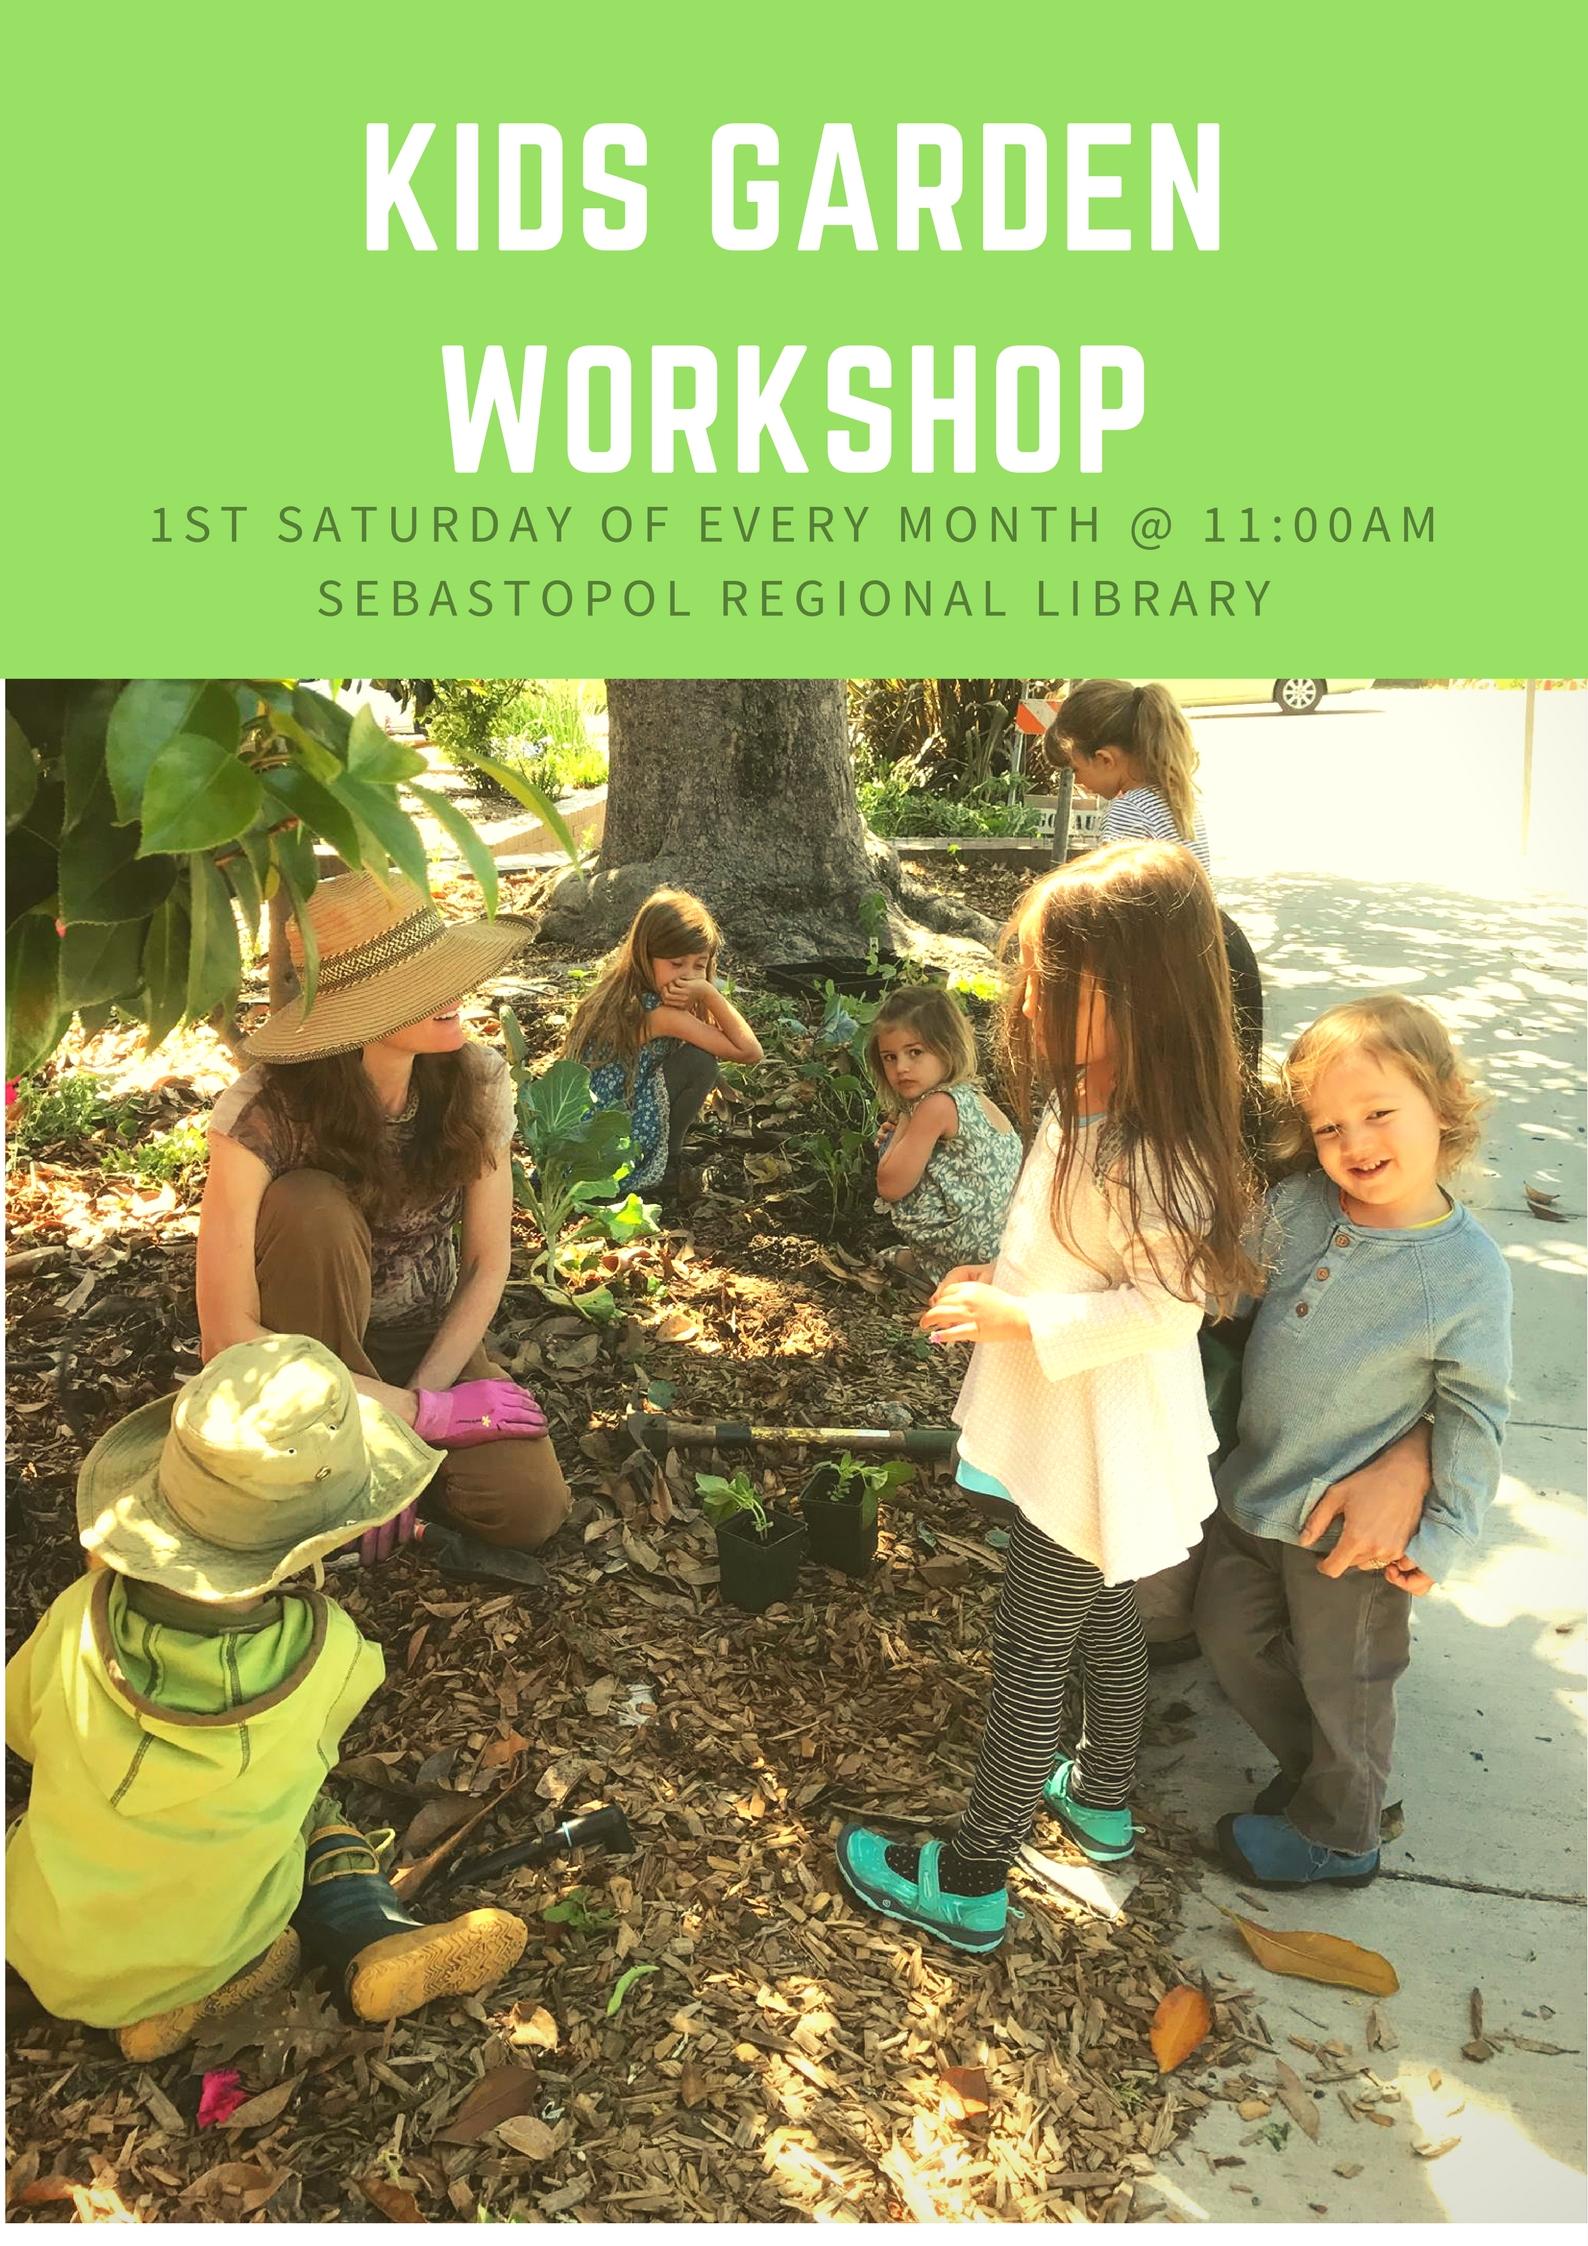 Kids Garden Workshop – What\'s Happening in Sebastopol